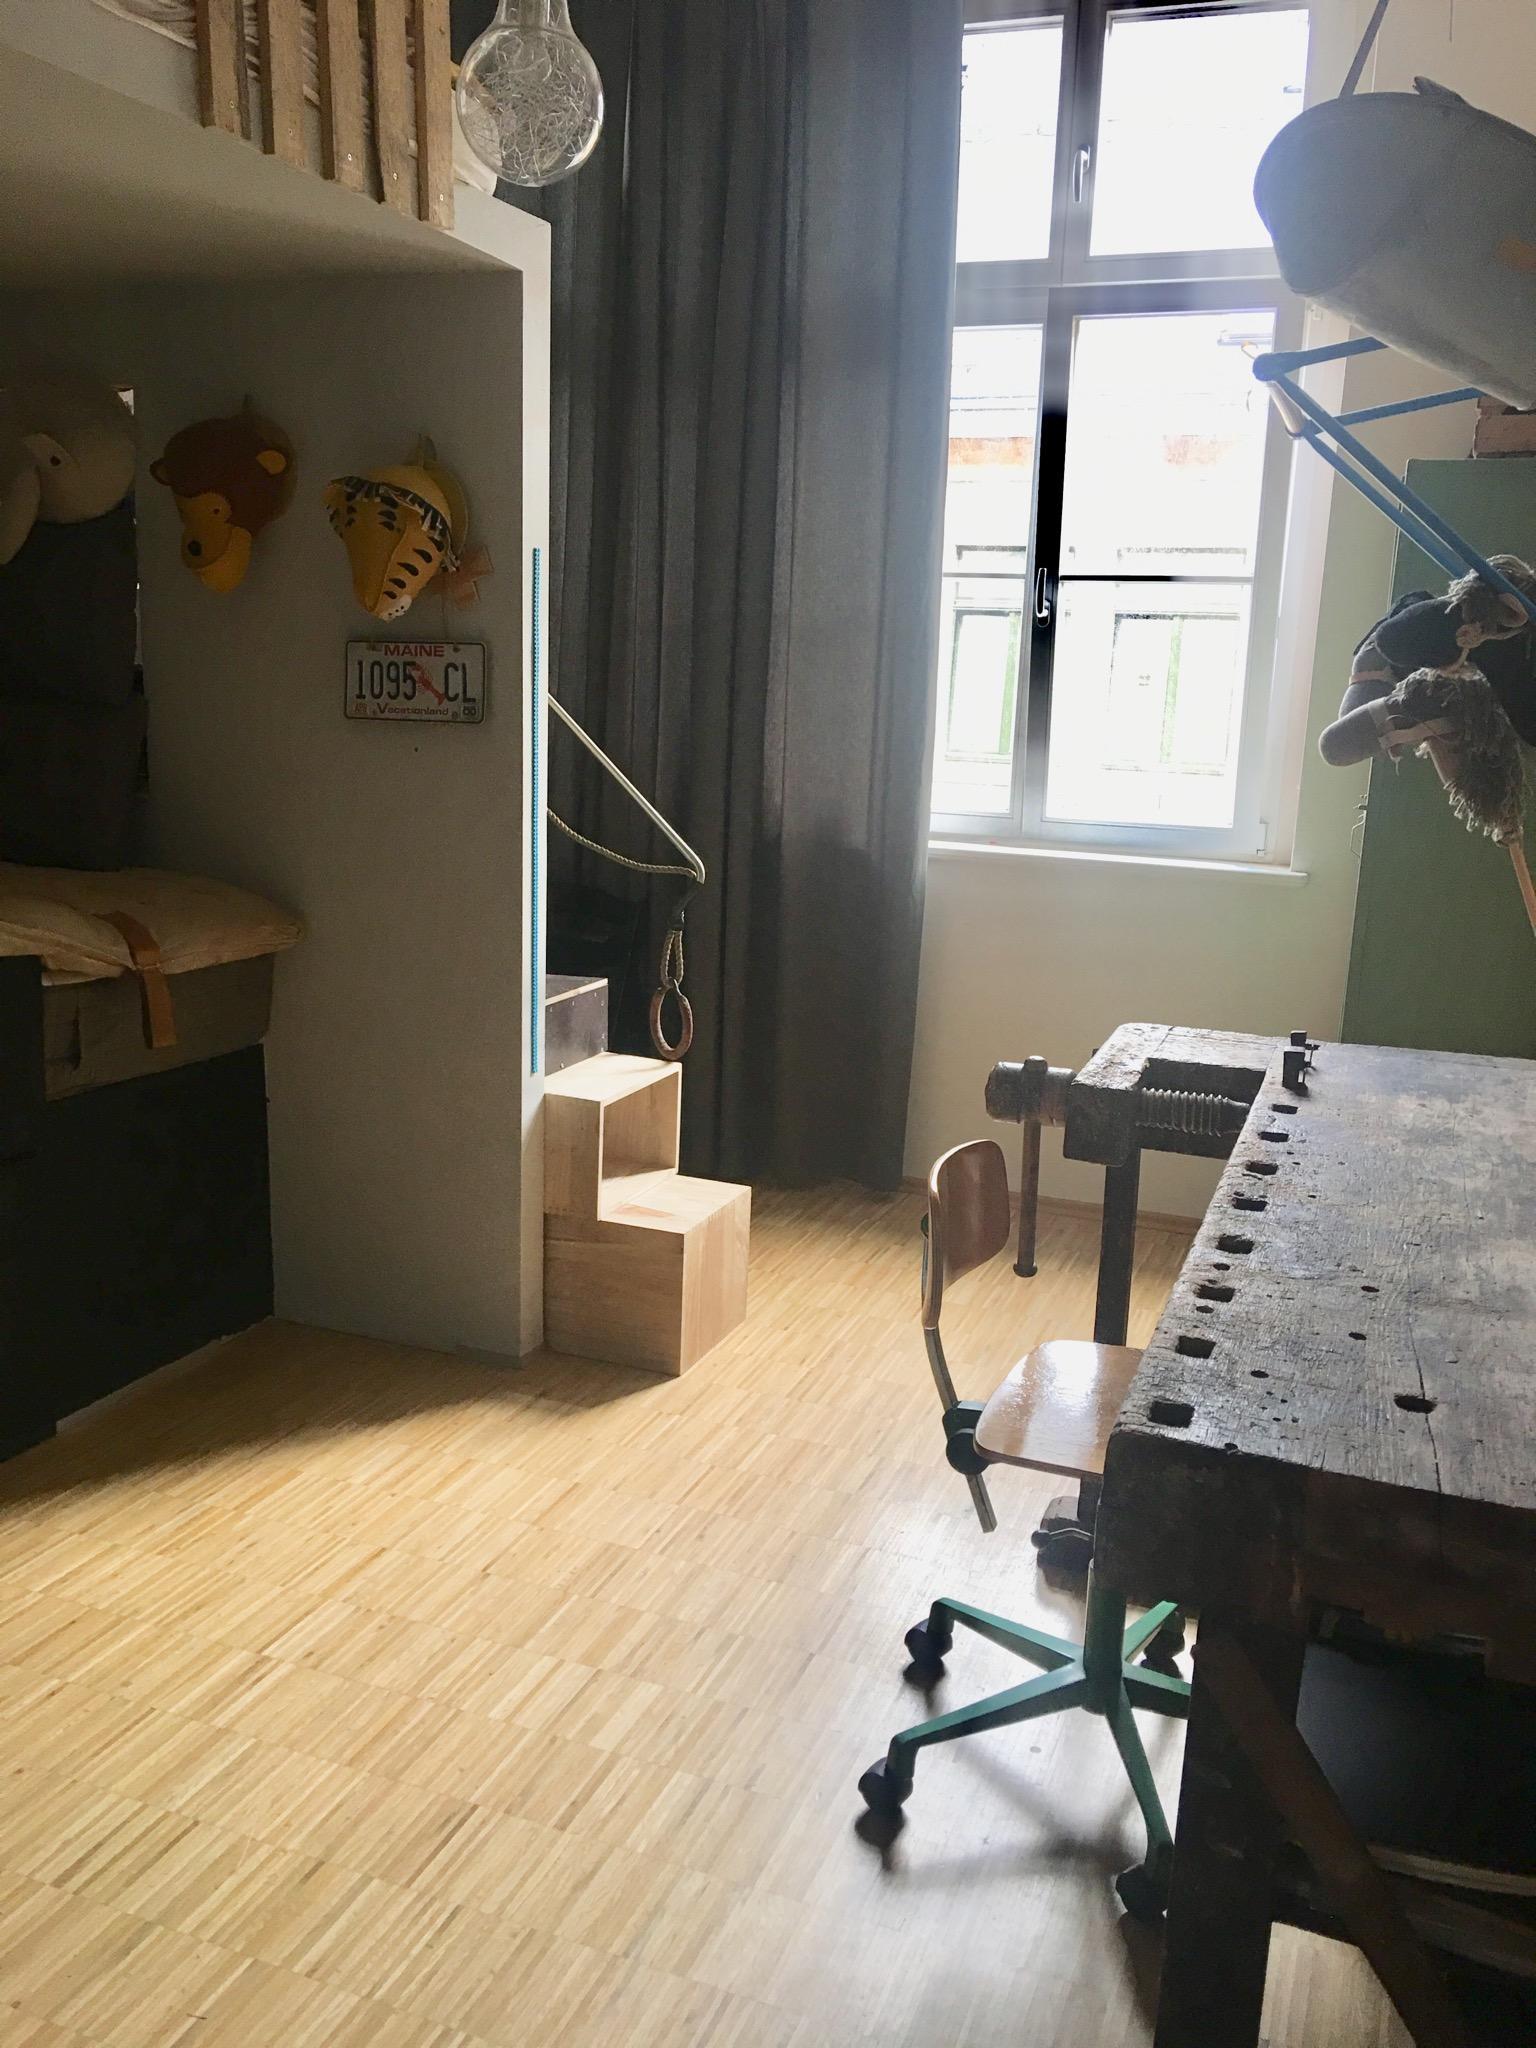 #Kinderzimmer Mit #Hobelbank#Hochbett#Sprossenwand Und Altem #Spint Als  Kleiderschrank